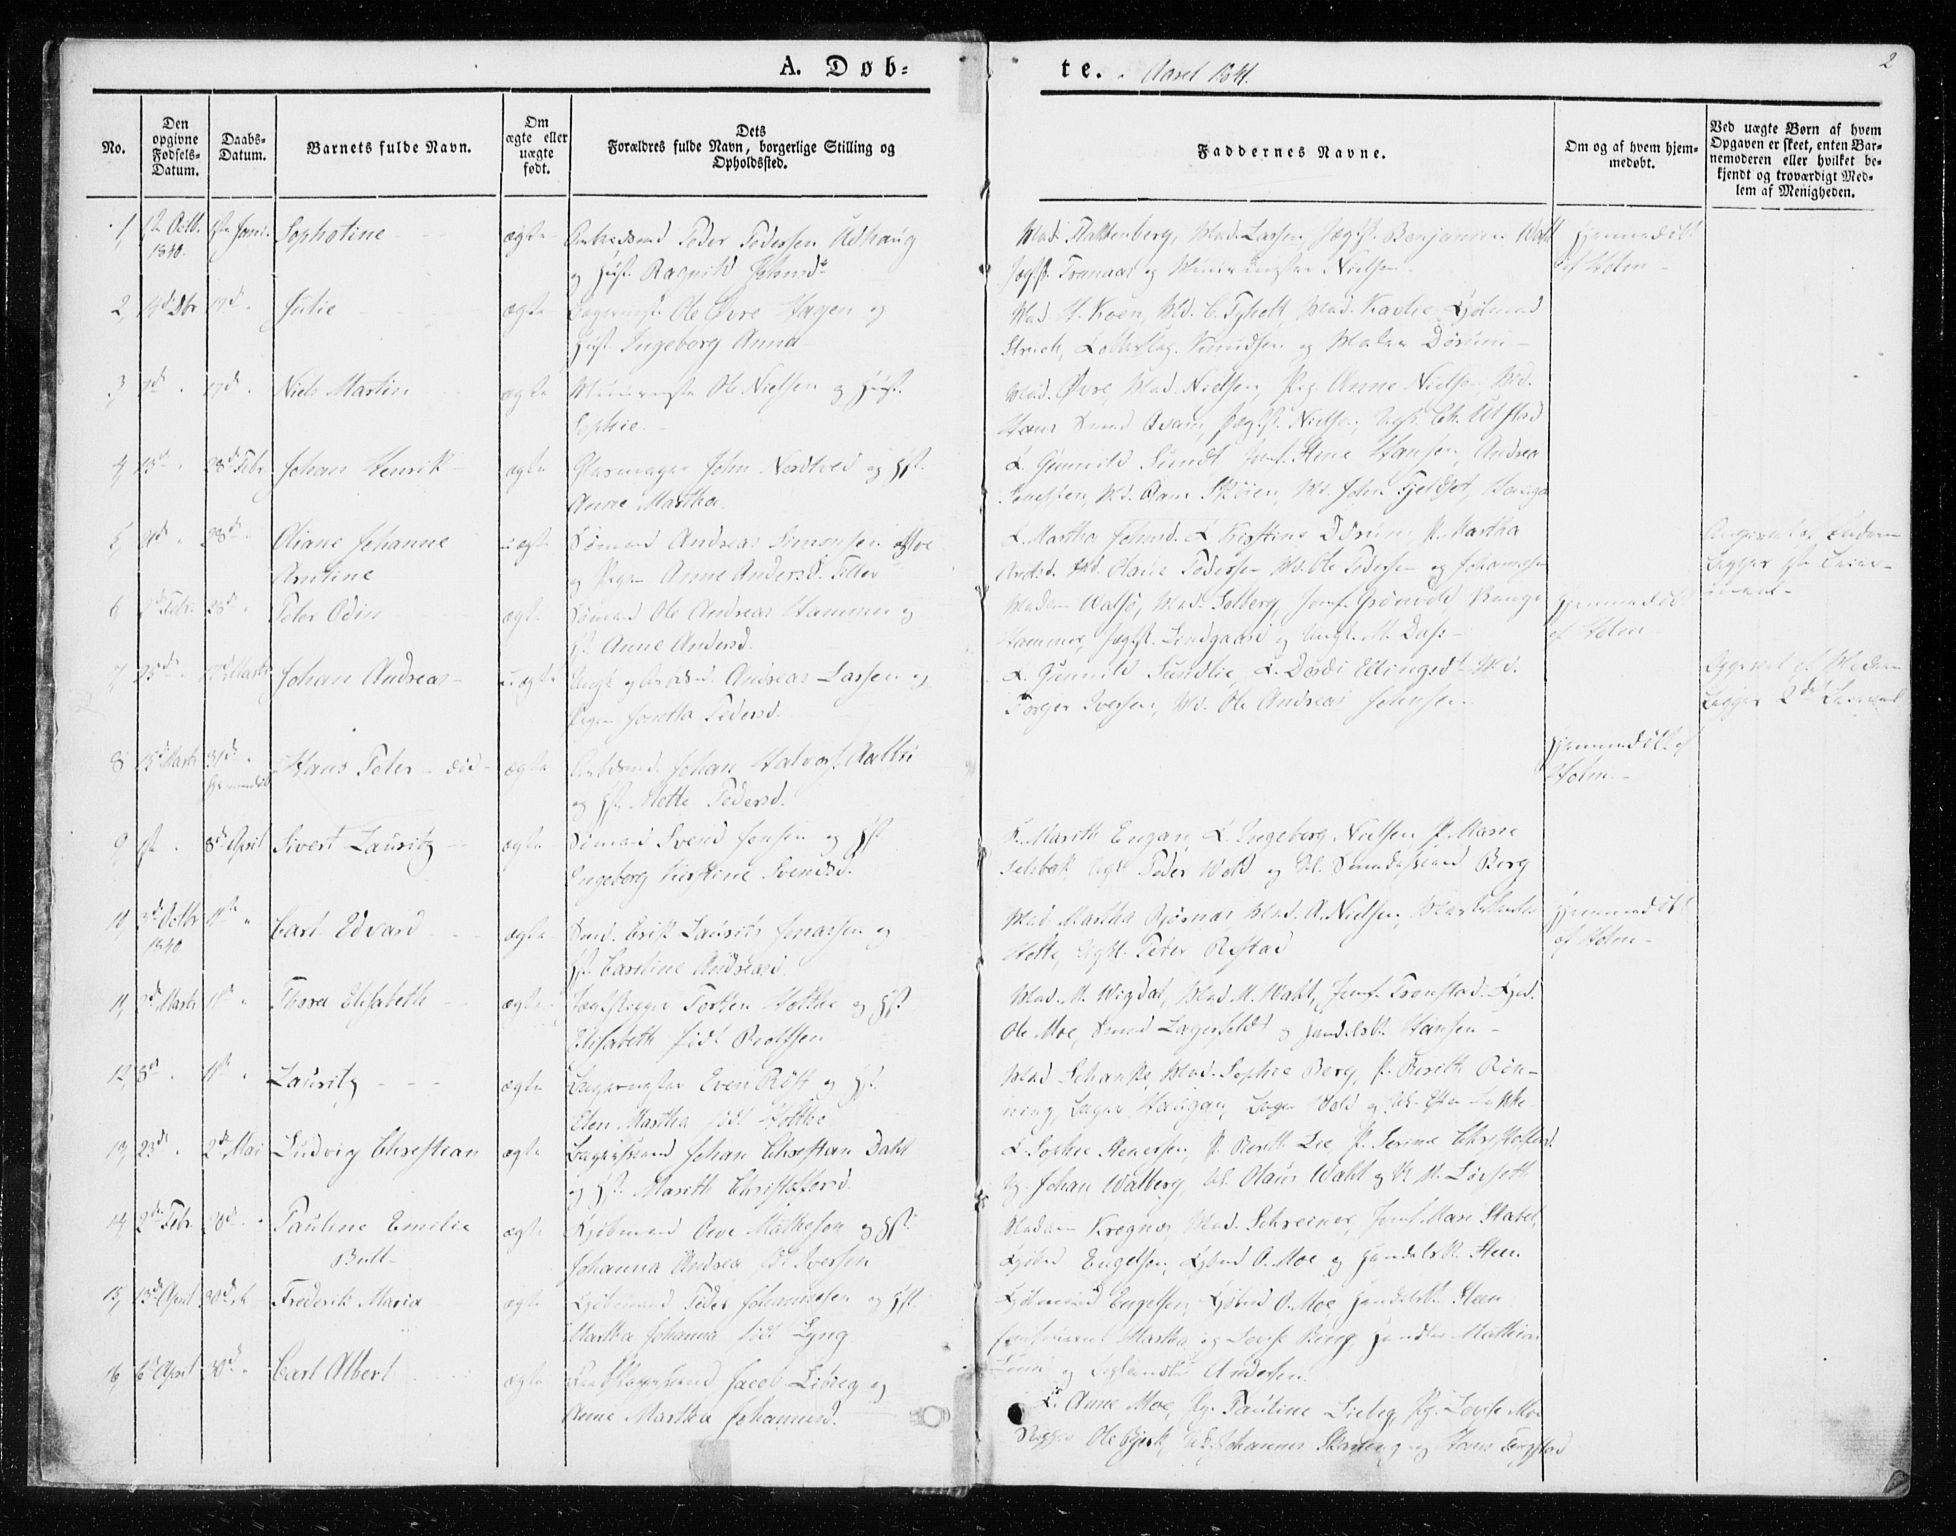 SAT, Ministerialprotokoller, klokkerbøker og fødselsregistre - Sør-Trøndelag, 604/L0183: Ministerialbok nr. 604A04, 1841-1850, s. 2